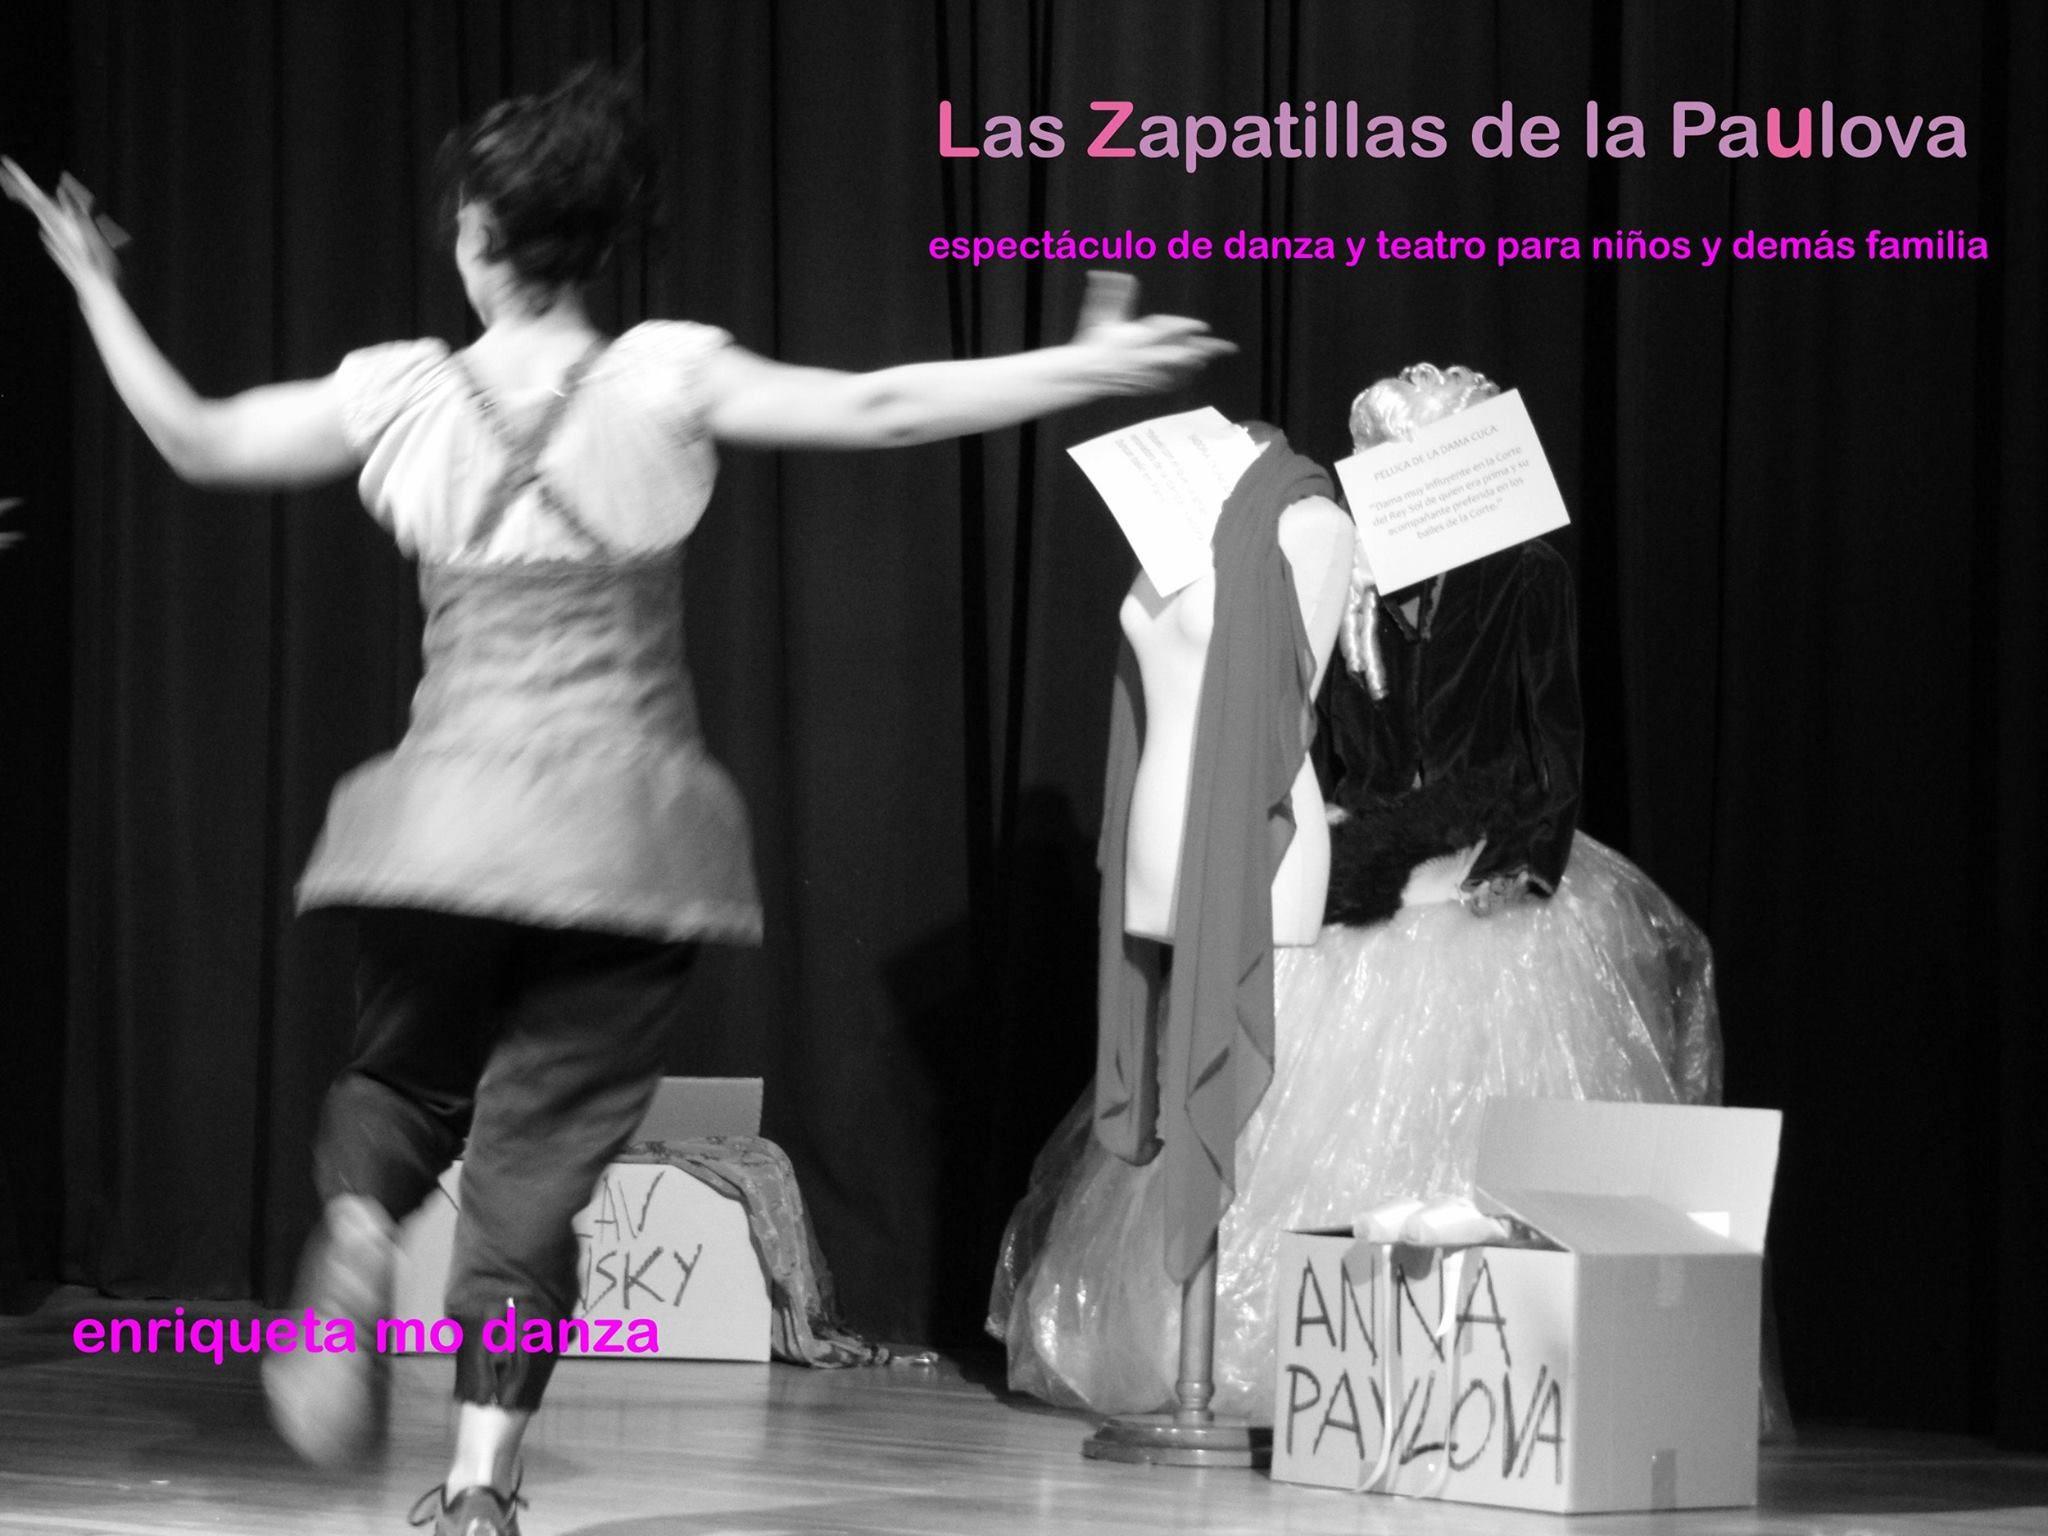 Danza en el Teatro de Cubillos del Sil con 'Las zapatillas de Paulova' 2